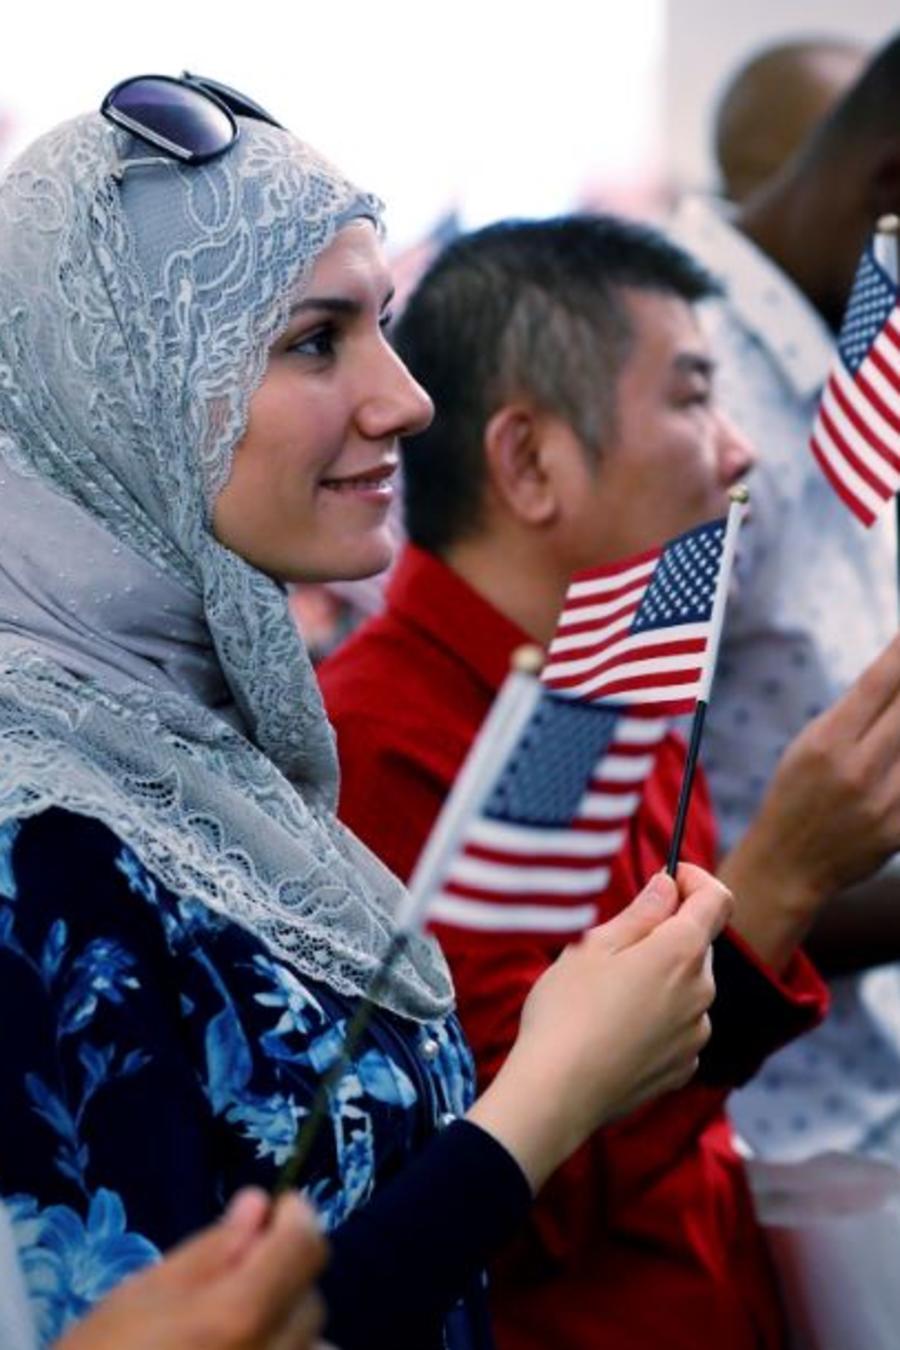 Nuevos ciudadanos en una ceremonia de naturalización el 18 de enero de 2019, en la oficina de los Servicios de Inmigración y Ciudadanía de Estados Unidos en Oakland Park, Florida.